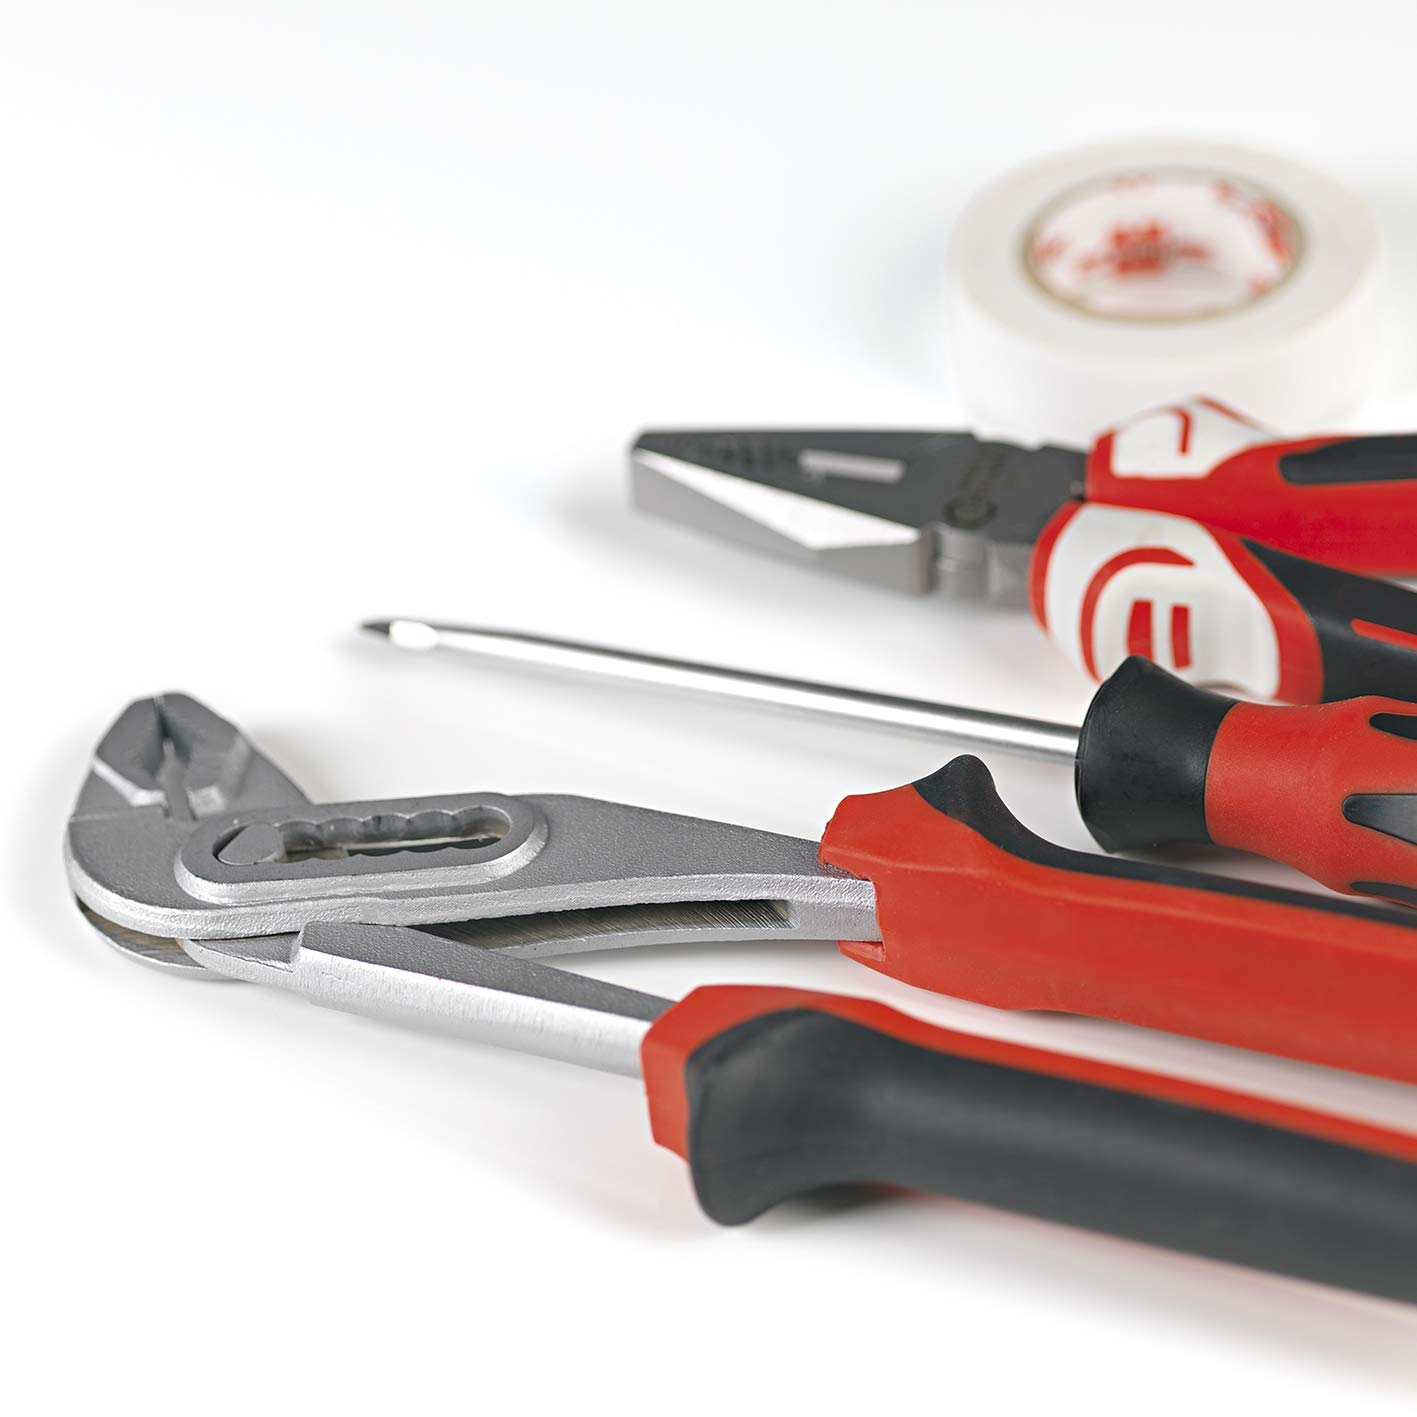 coffre ouvrable par simple pression Ouvre-hayon arri/ère Go Simply Automatique hayon . fran/çais non garanti Instructions incluses GB Tuning Kit de montage pour 1 F20 09//2011-12//2014